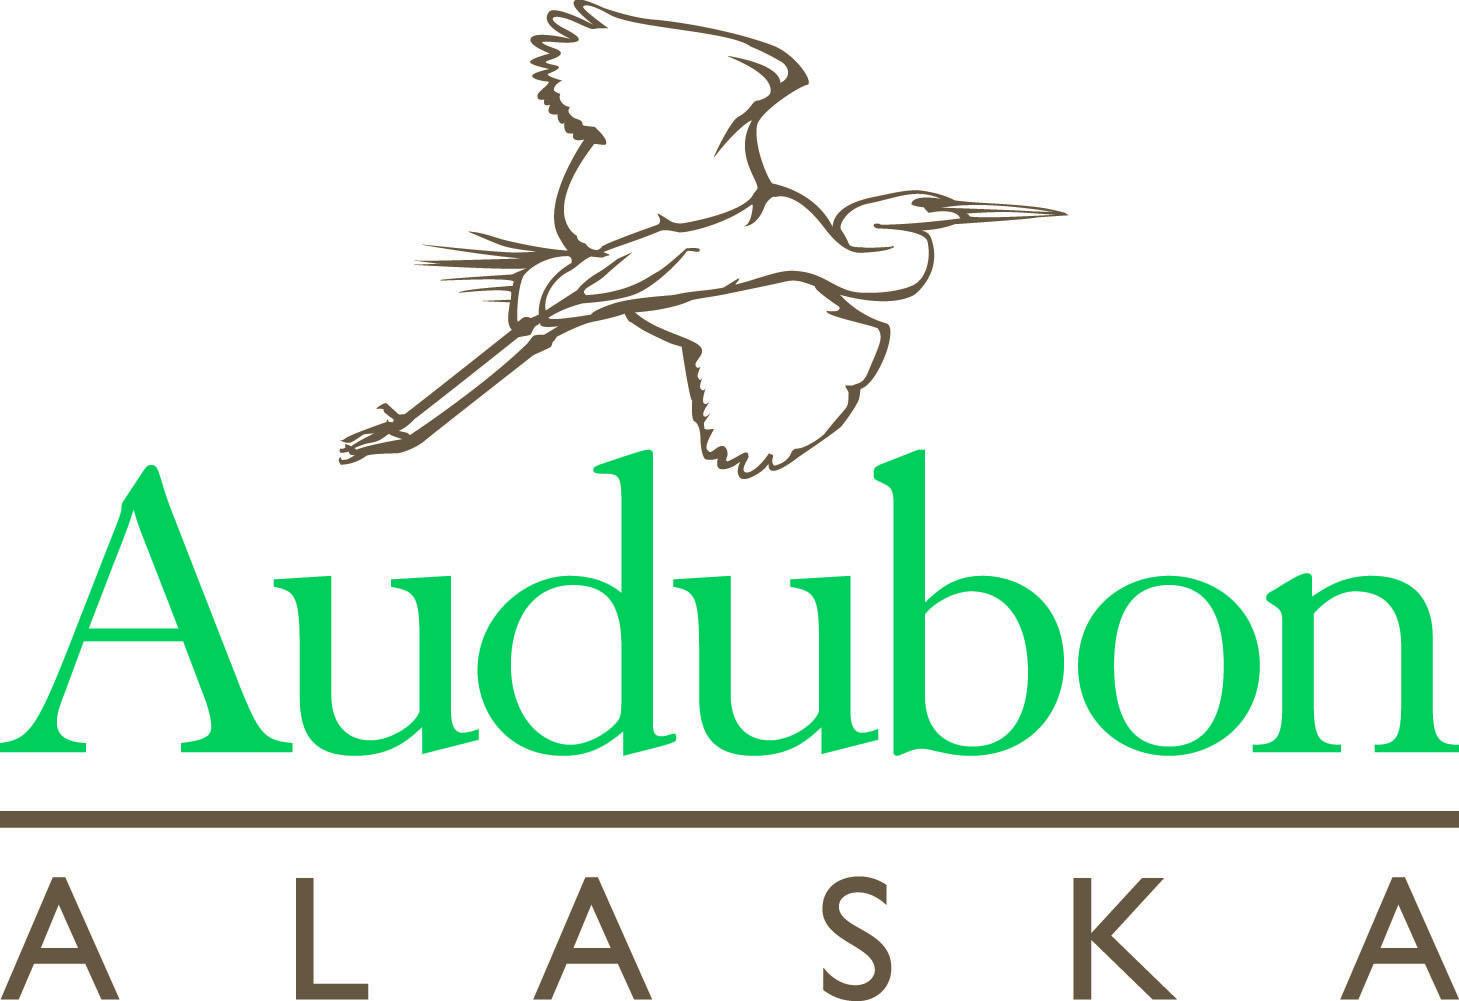 Audubon Alaska logo